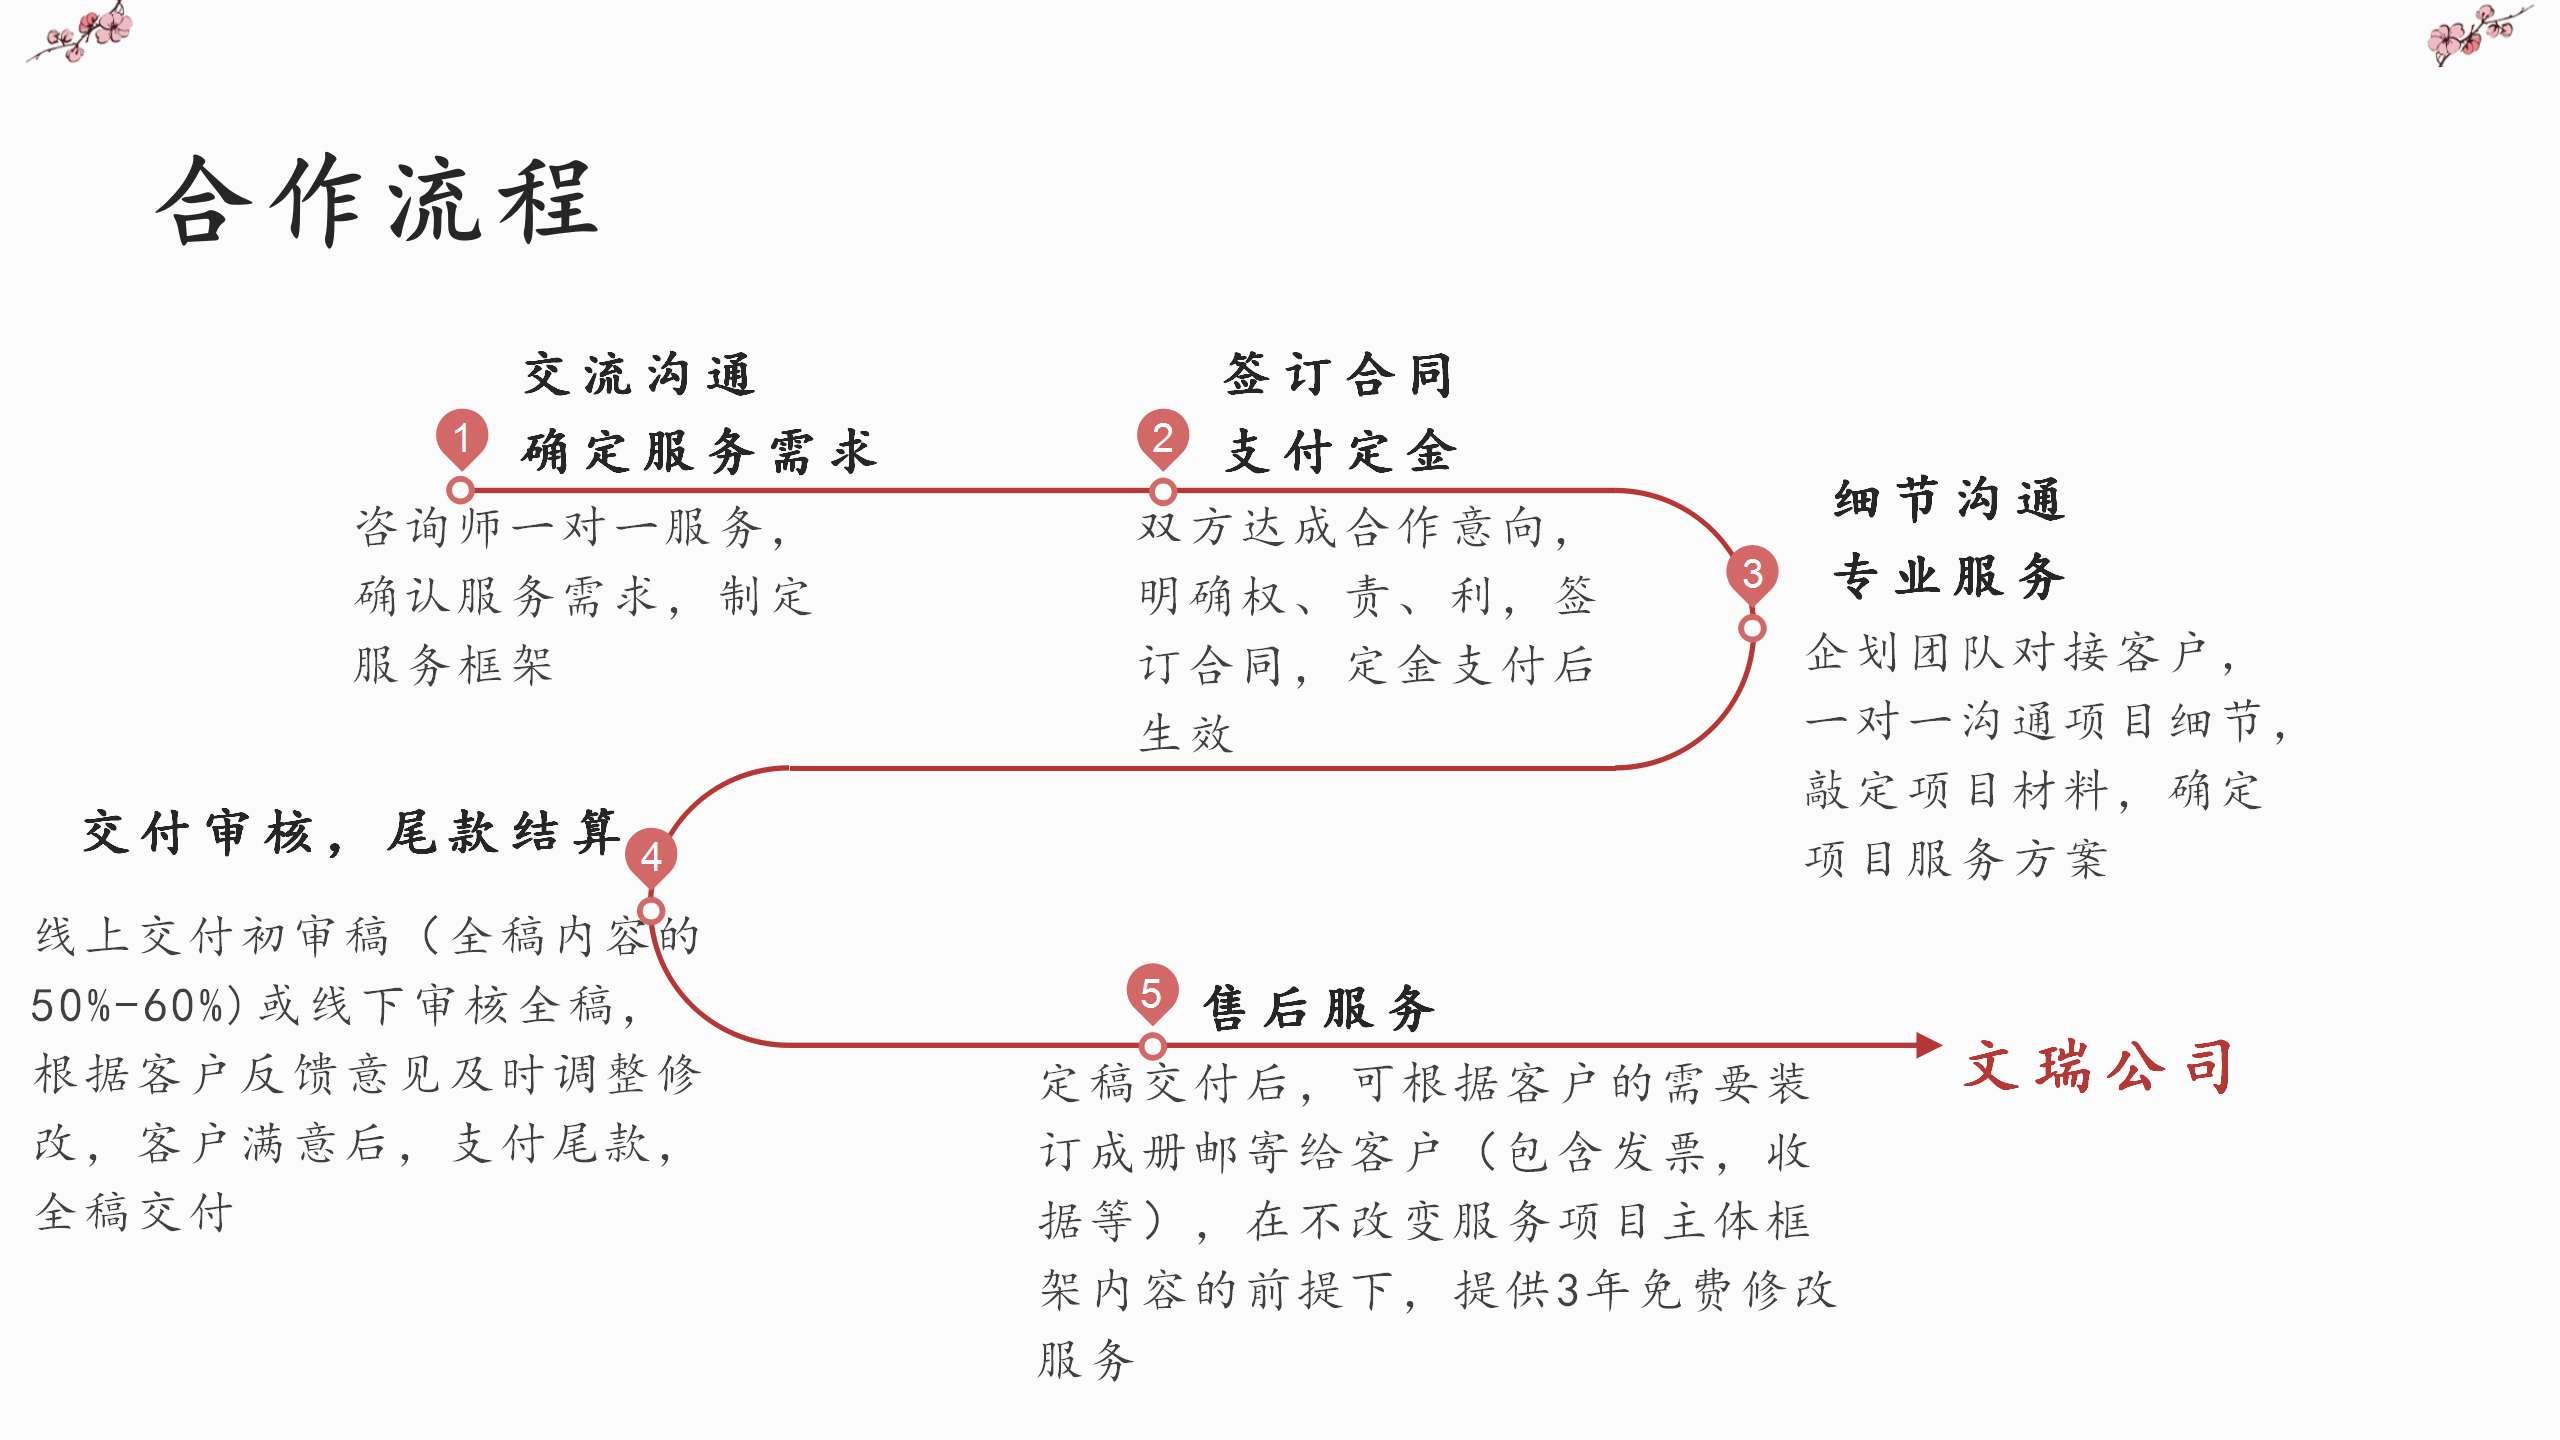 山东聊城写项目资金管理实施细则编写公司代做标准